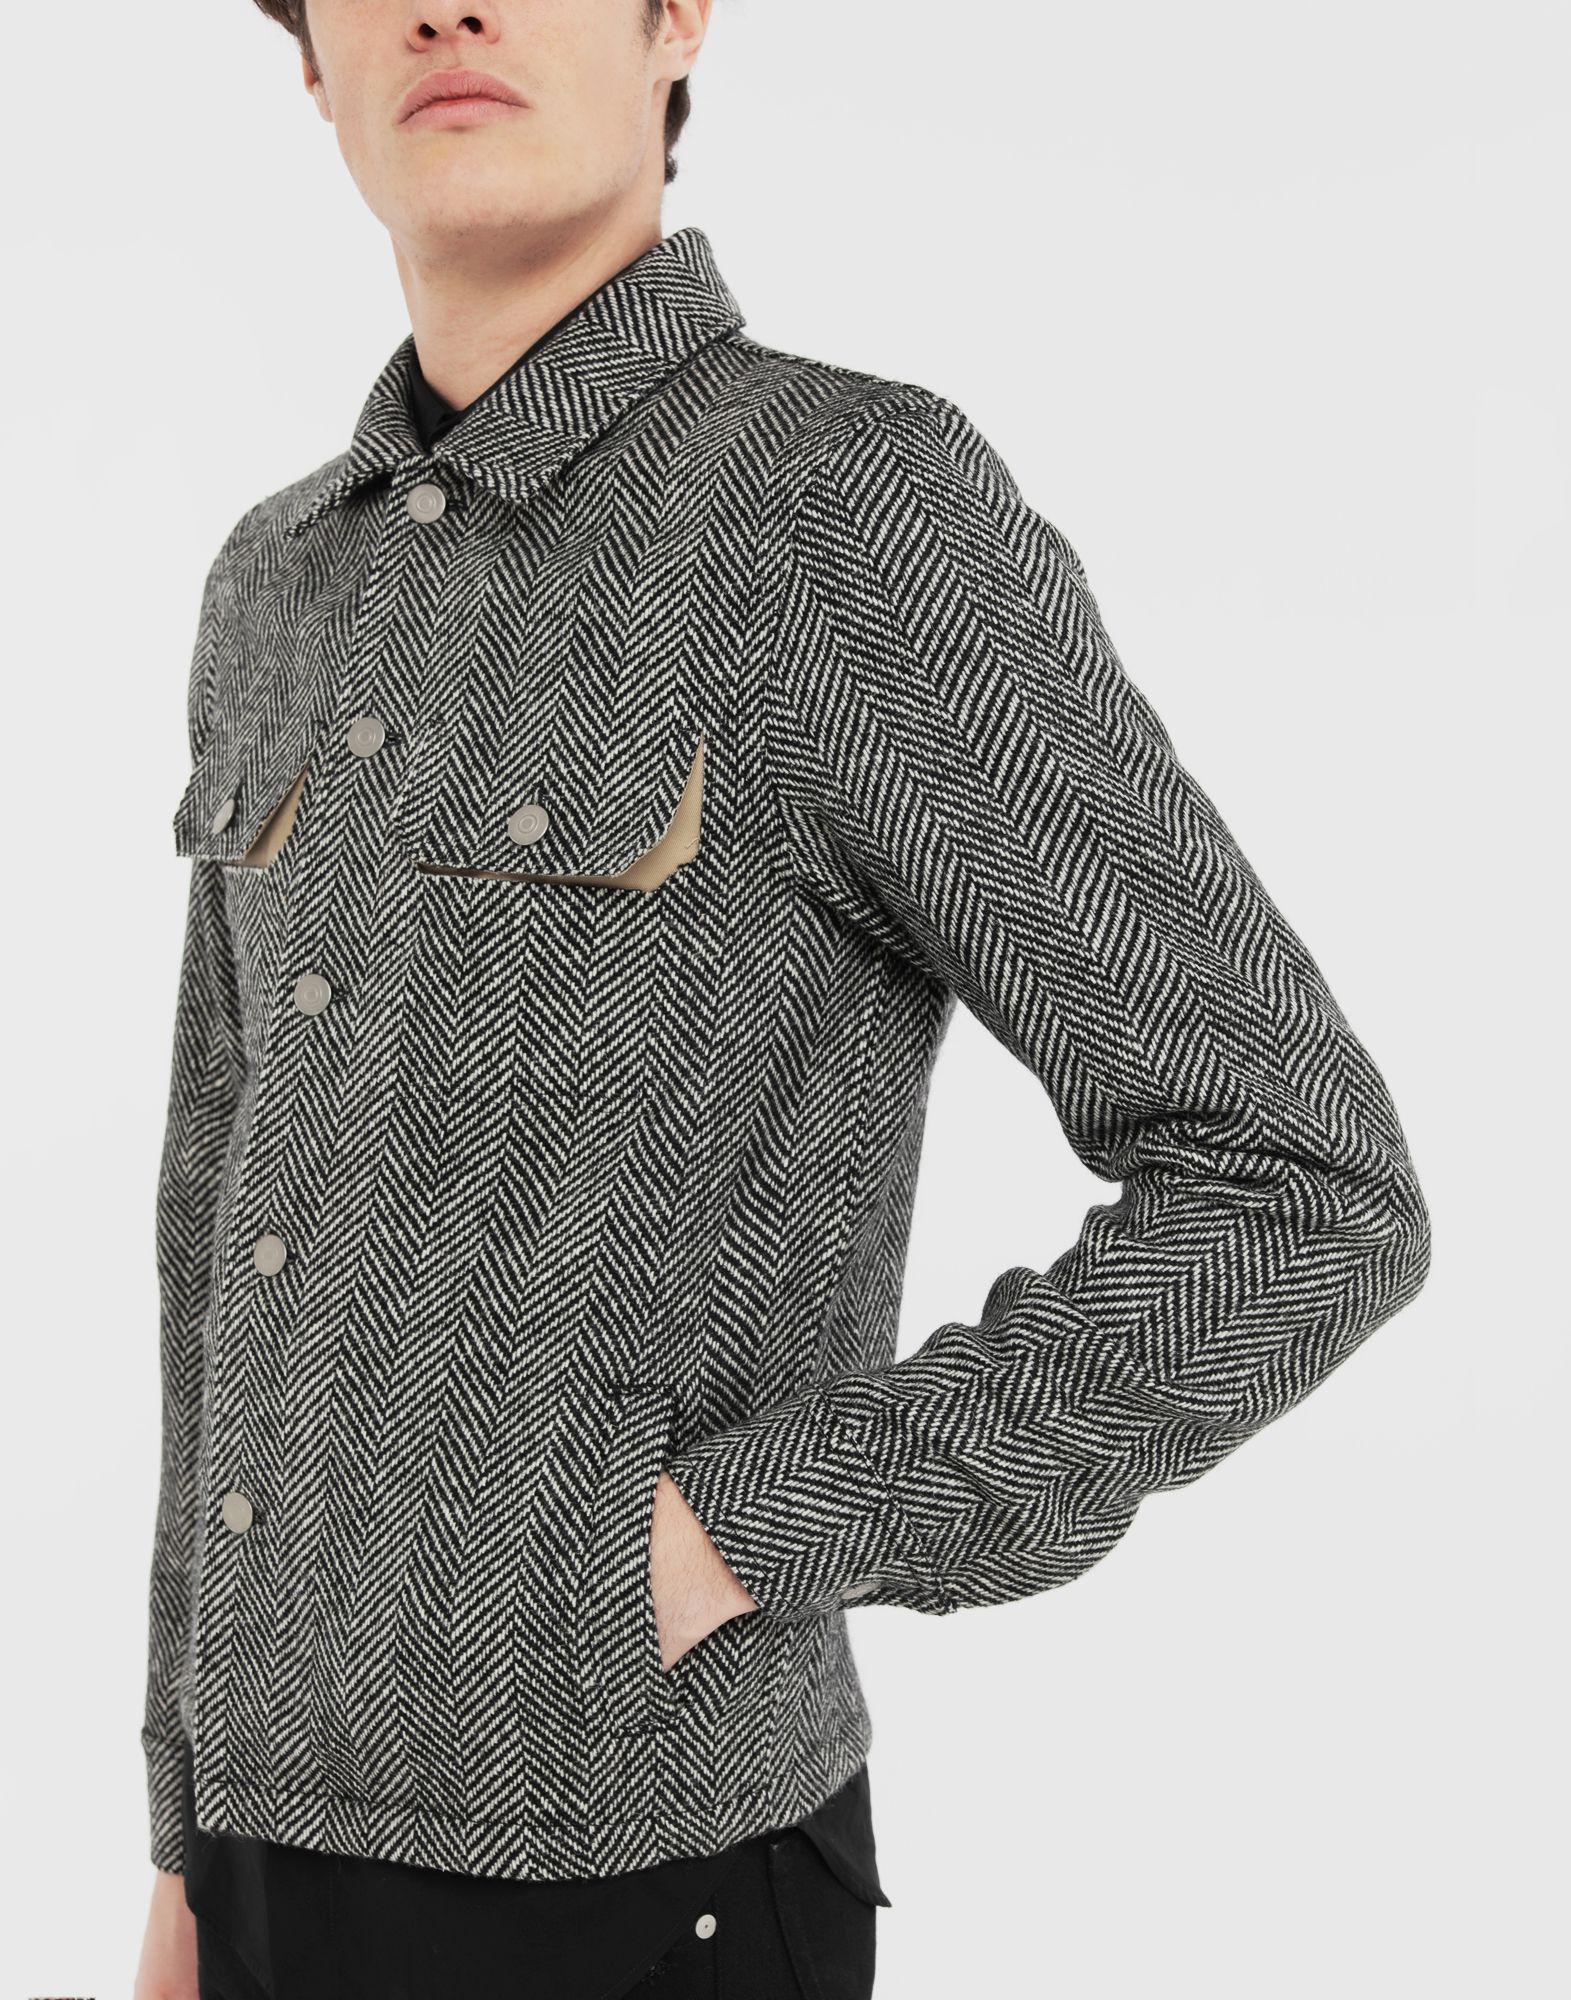 MAISON MARGIELA Décortiqué herringbone jacket Jacket Man a